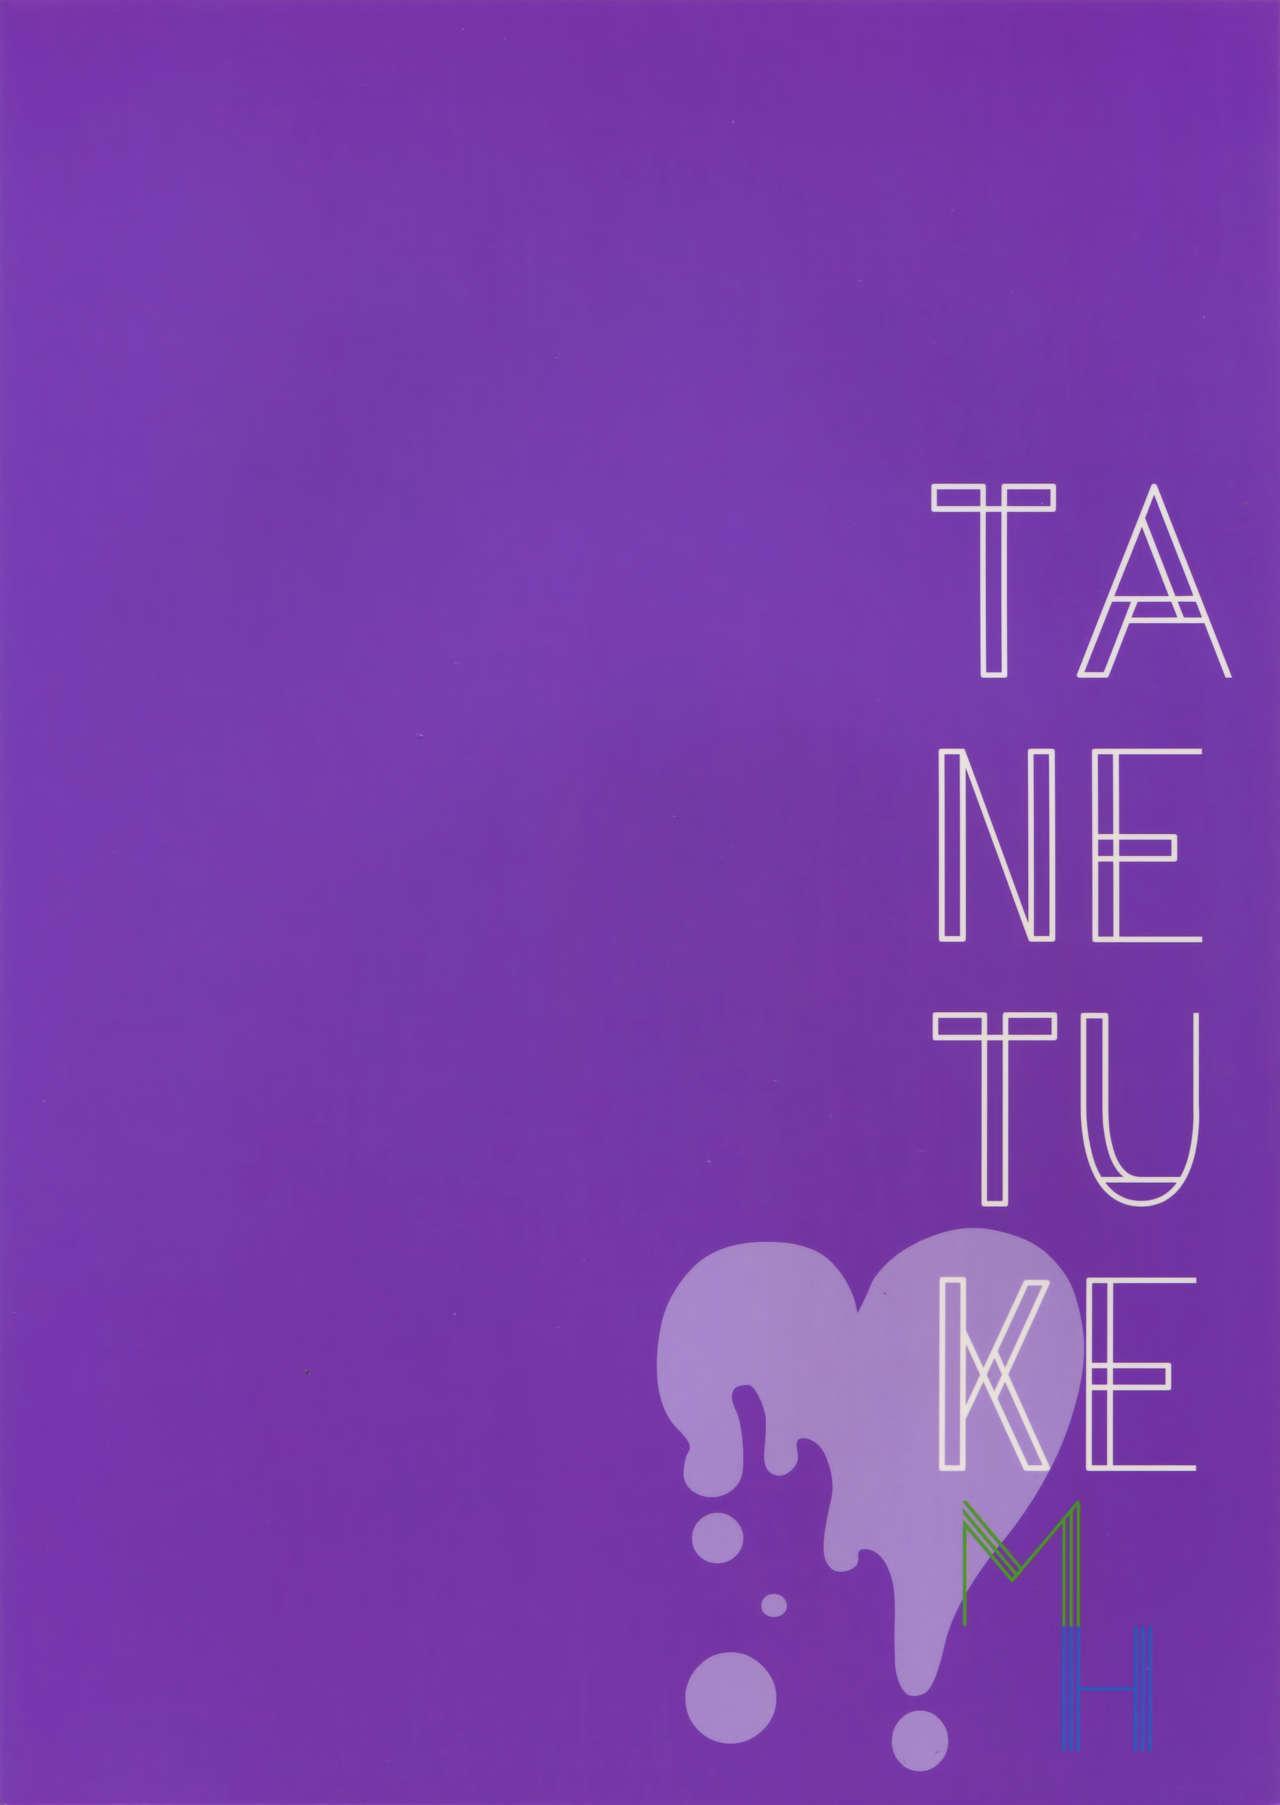 TANETUKE MH 21